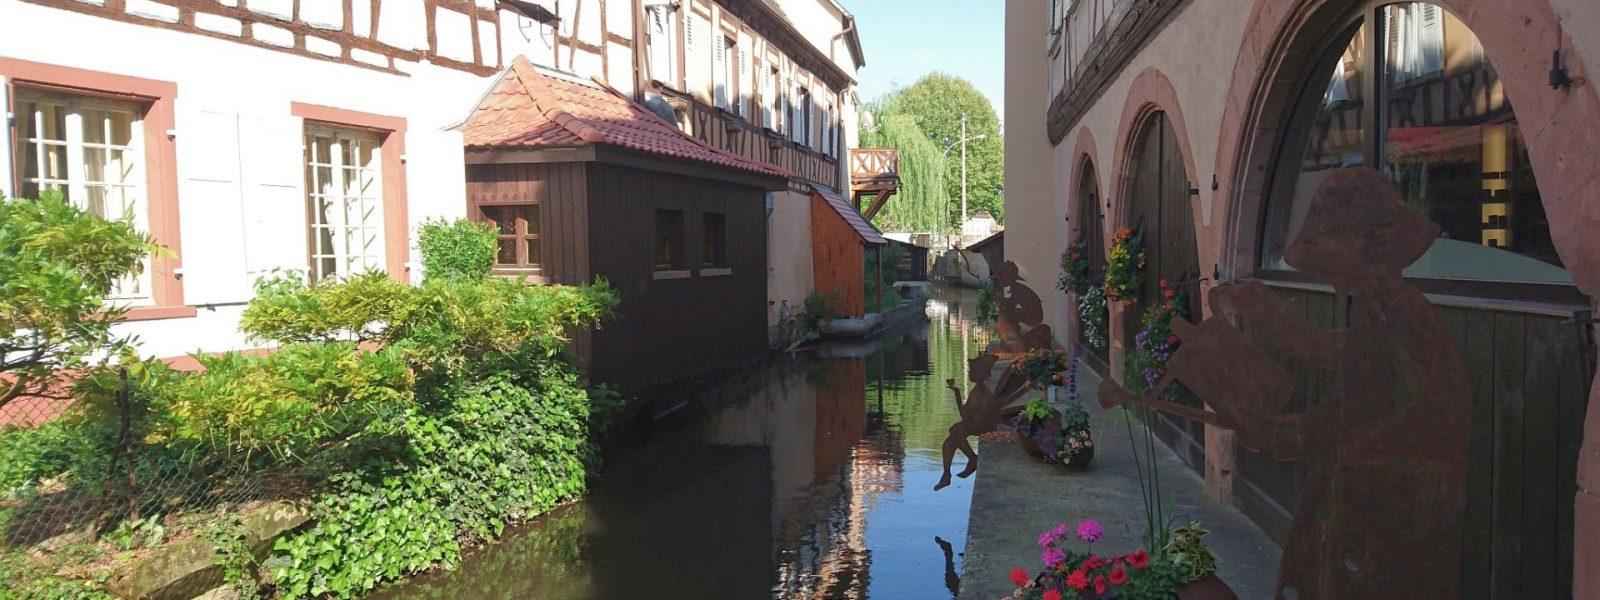 Heute Wissembourg